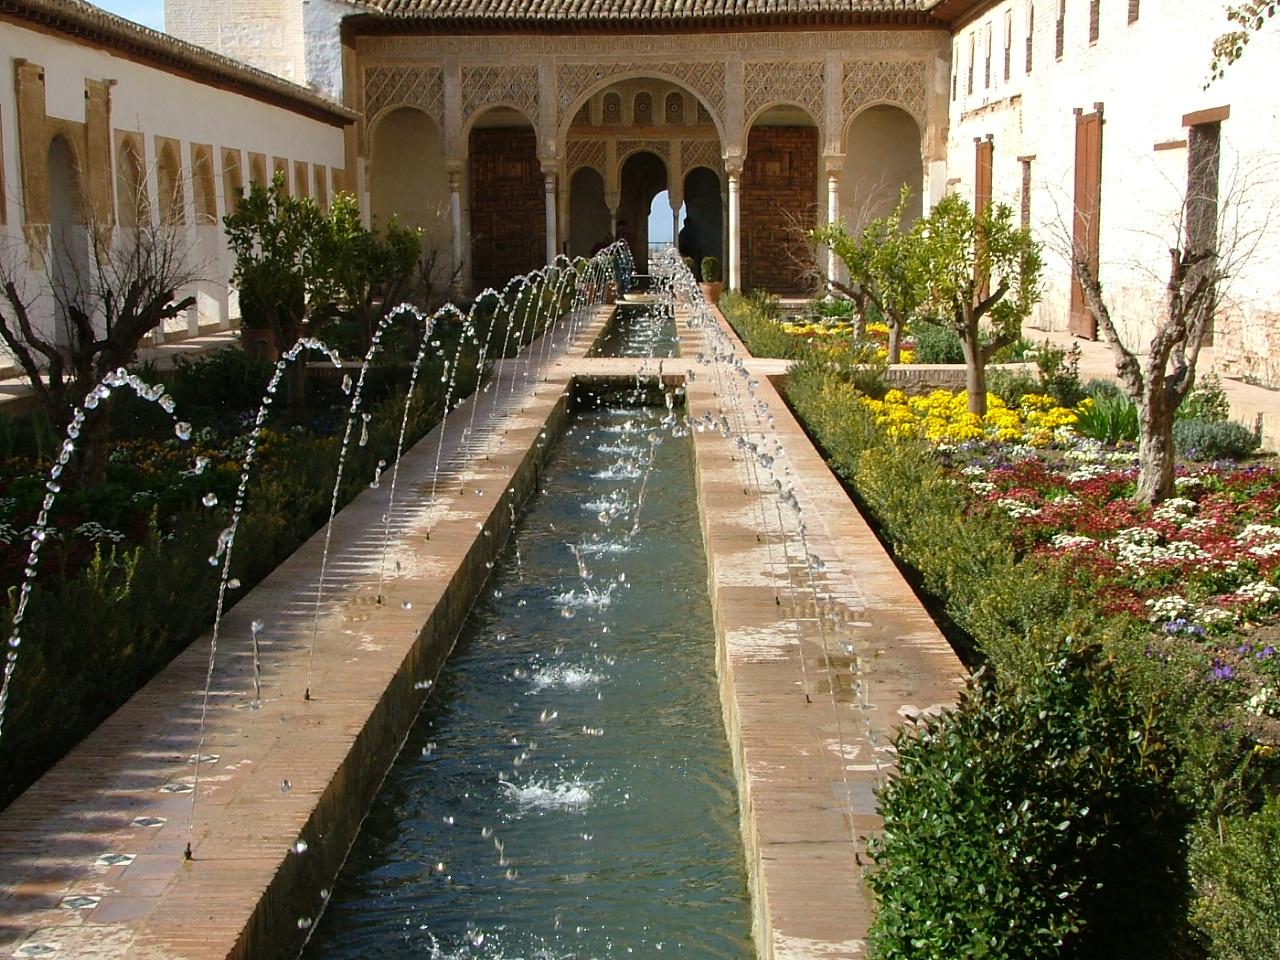 alhambra garden 2004 fountains